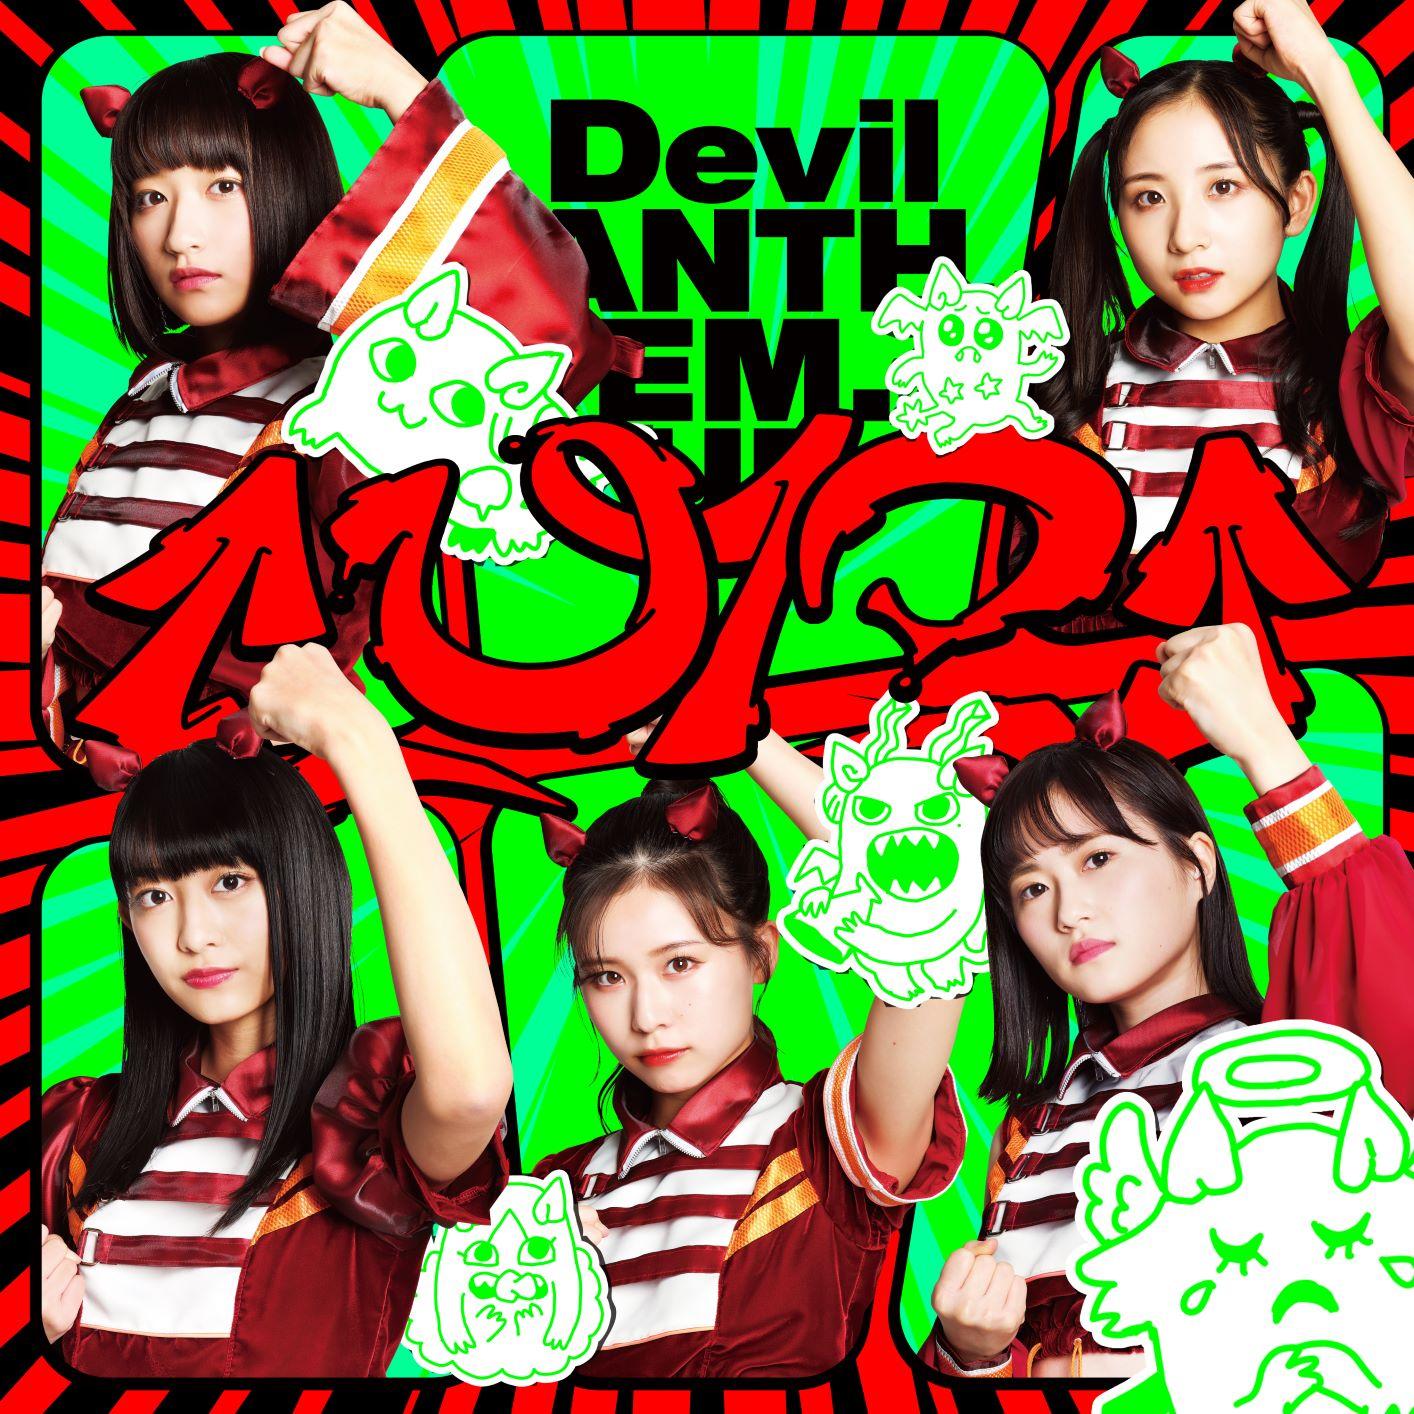 Devil ANTHEM.「UP」発売記念アウトストアイベント @Shibuya eggman